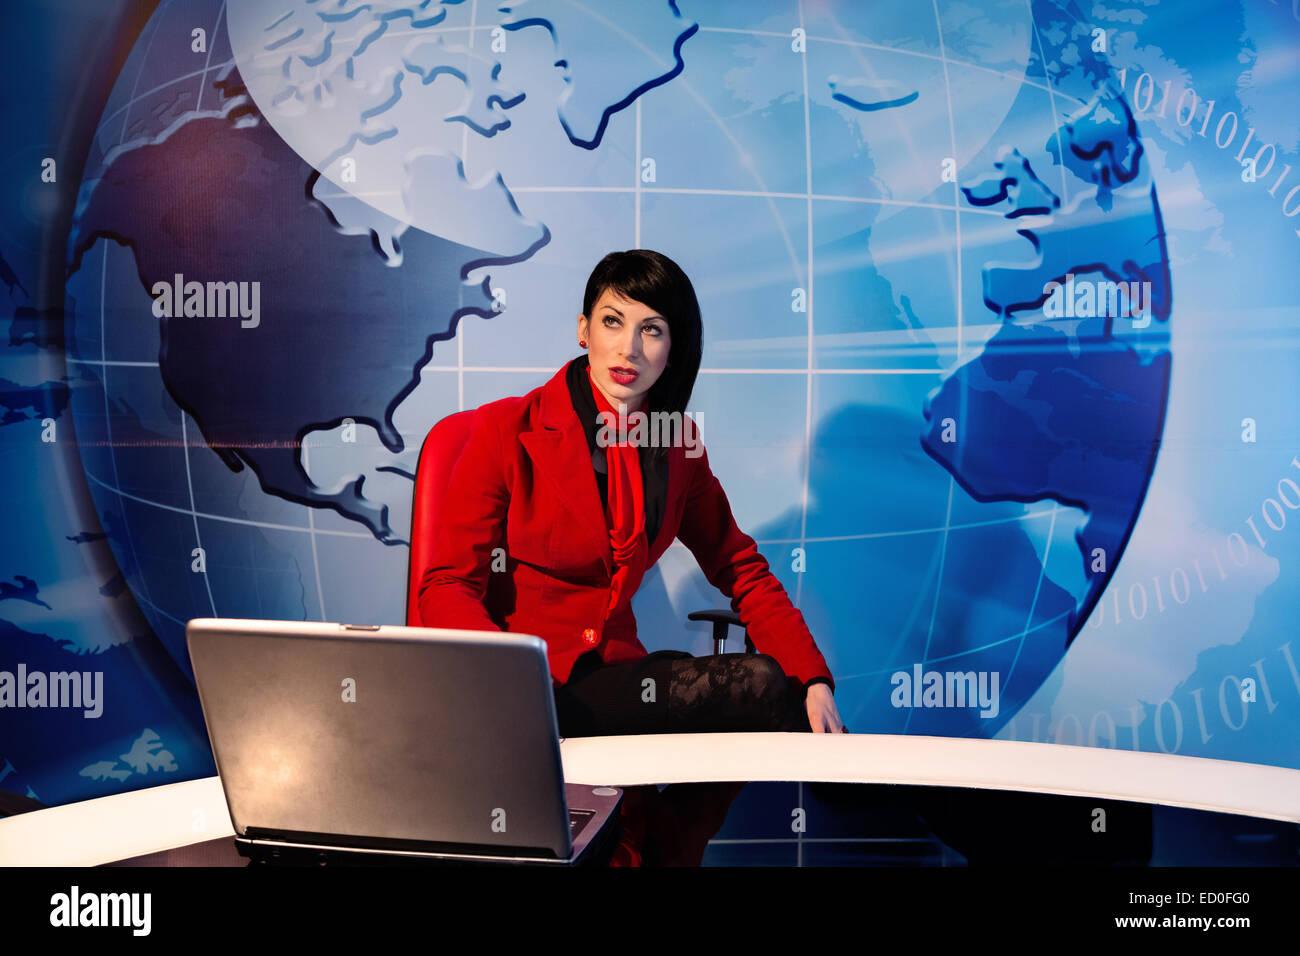 Femme assise dans un studio de télévision Photo Stock